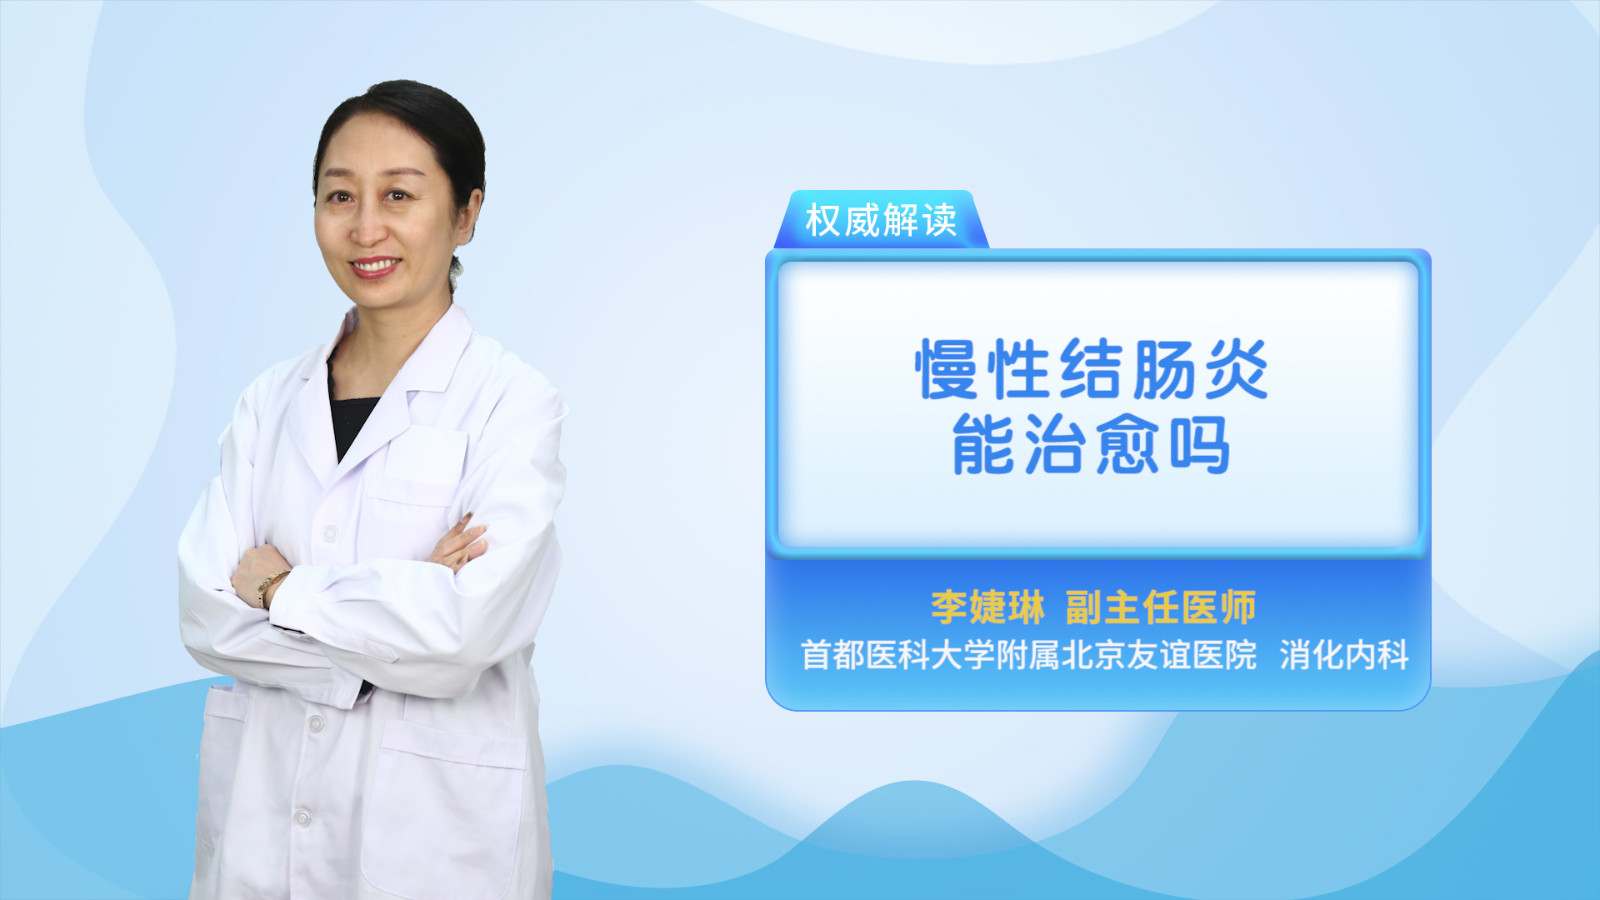 慢性结肠炎能治愈吗